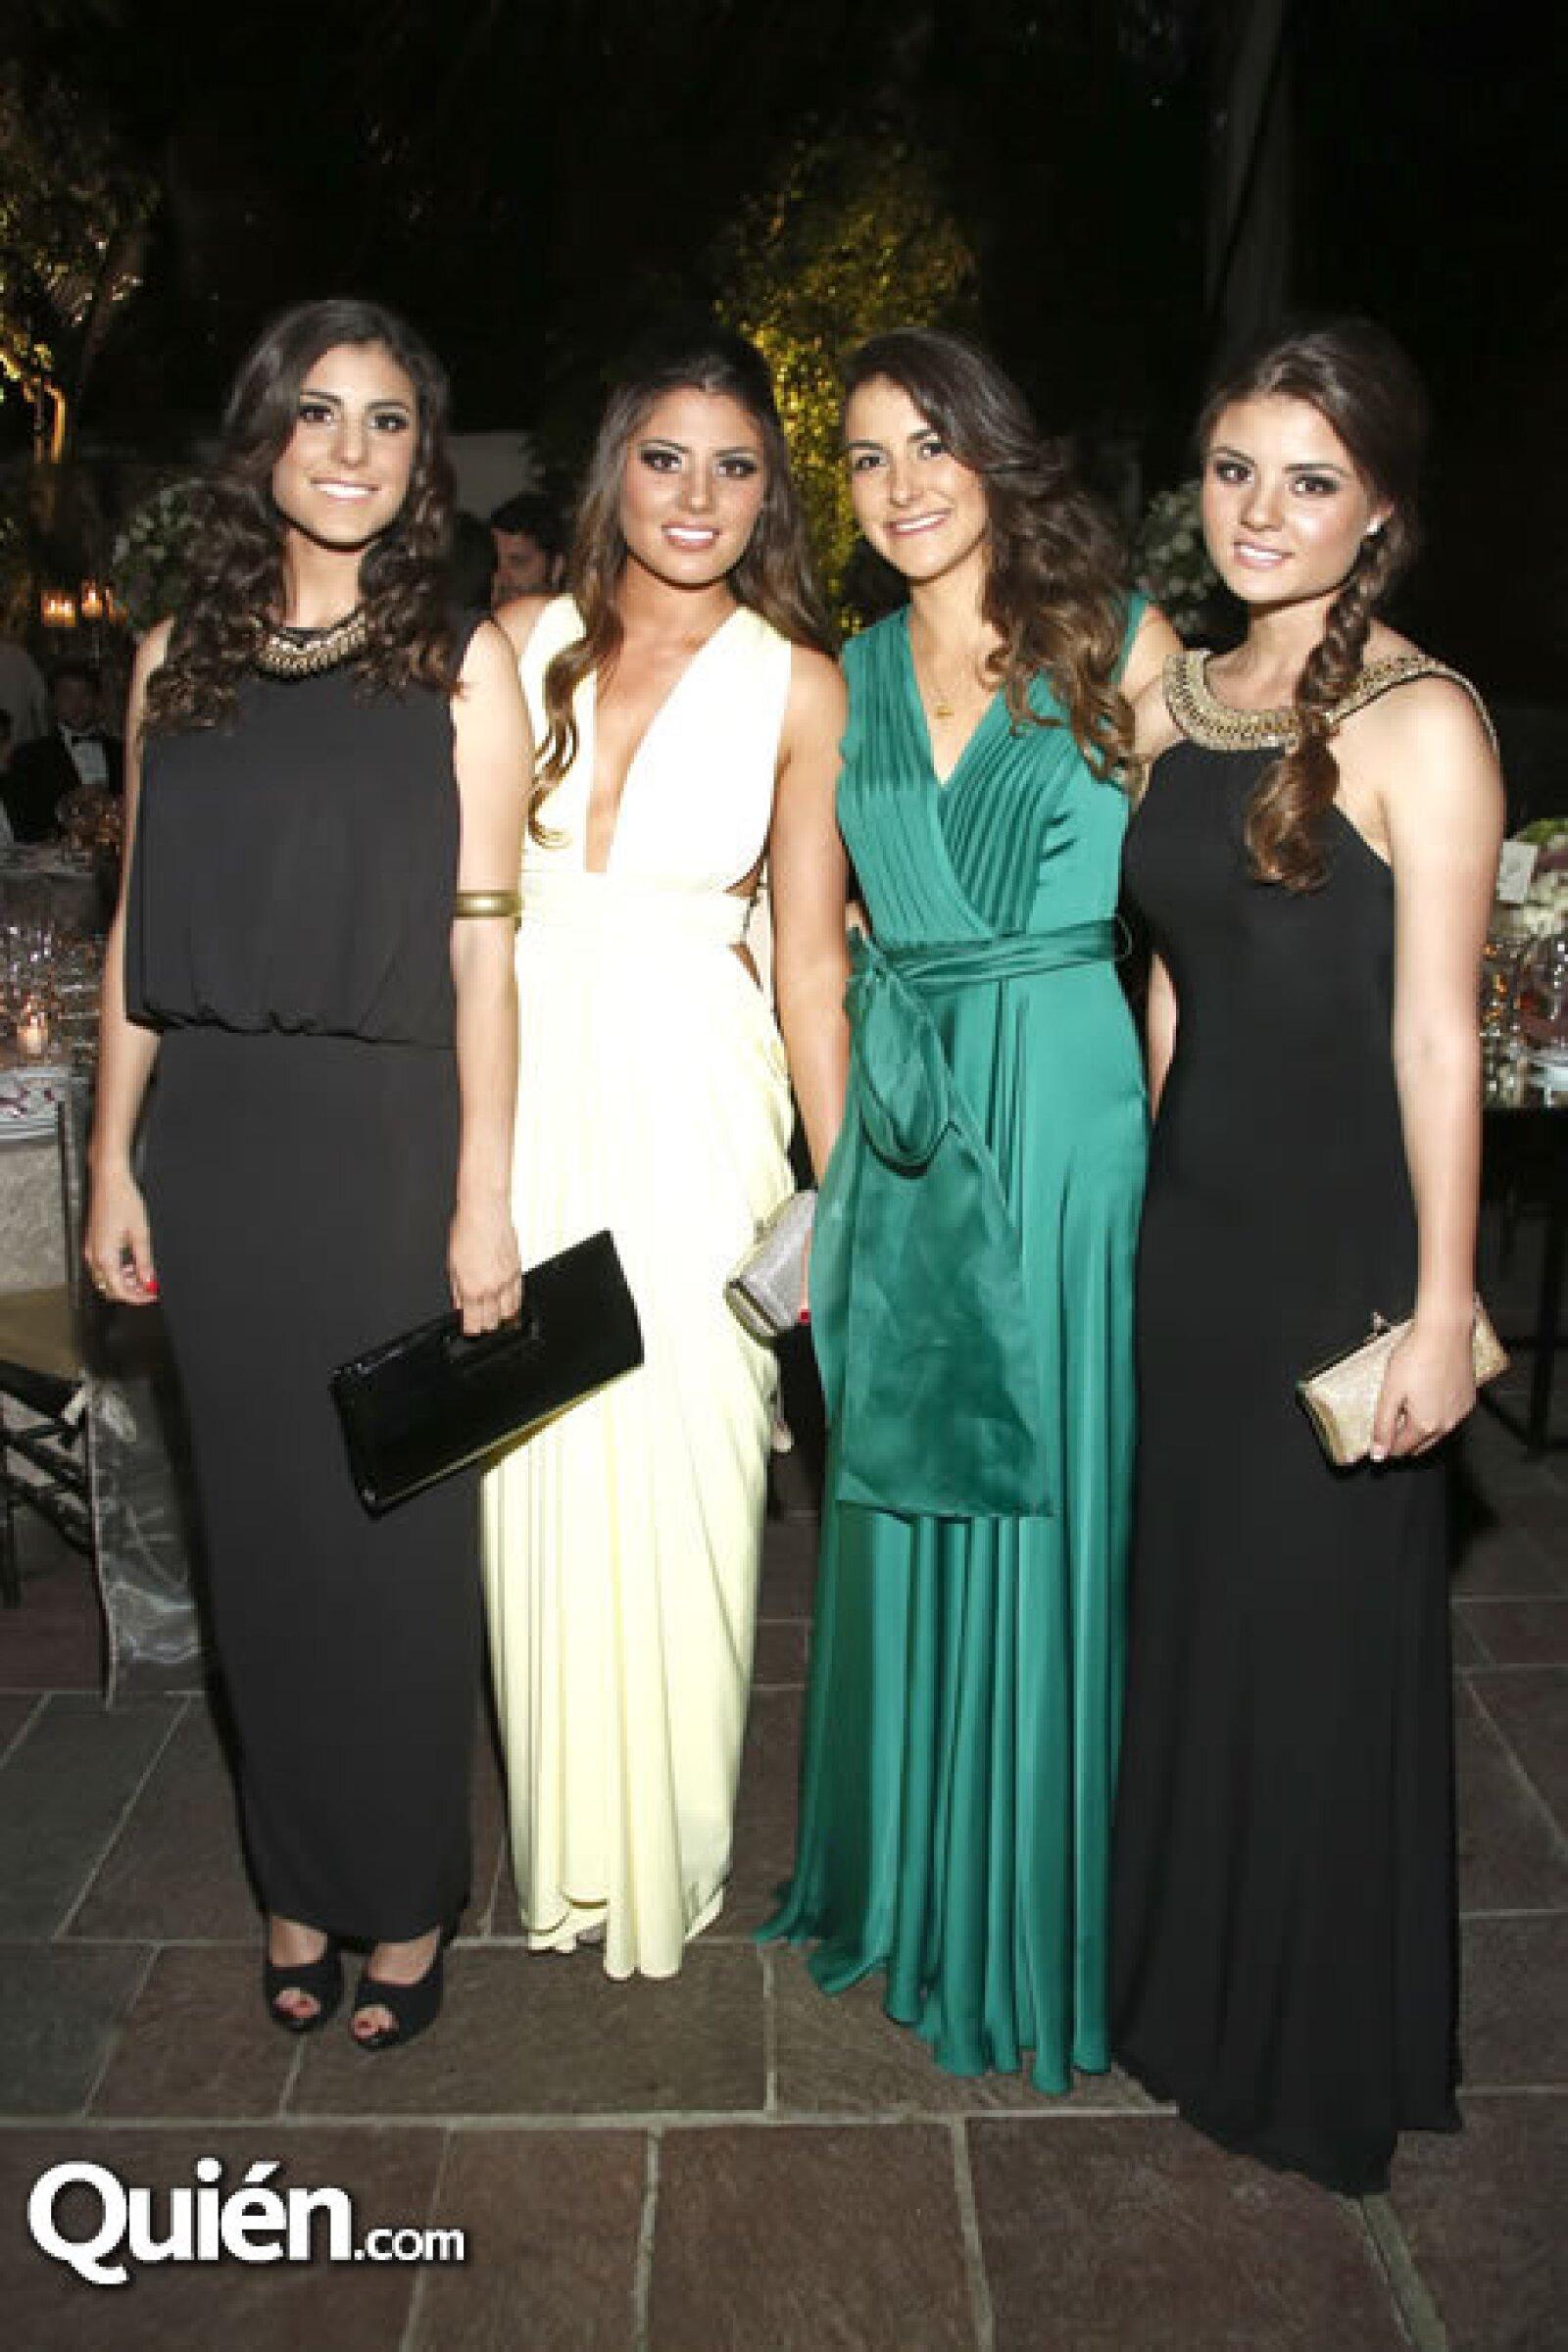 Ximena Cervantes, Aranza Rodríguez, Sofía Guijosa y Fernanda Rodríguez